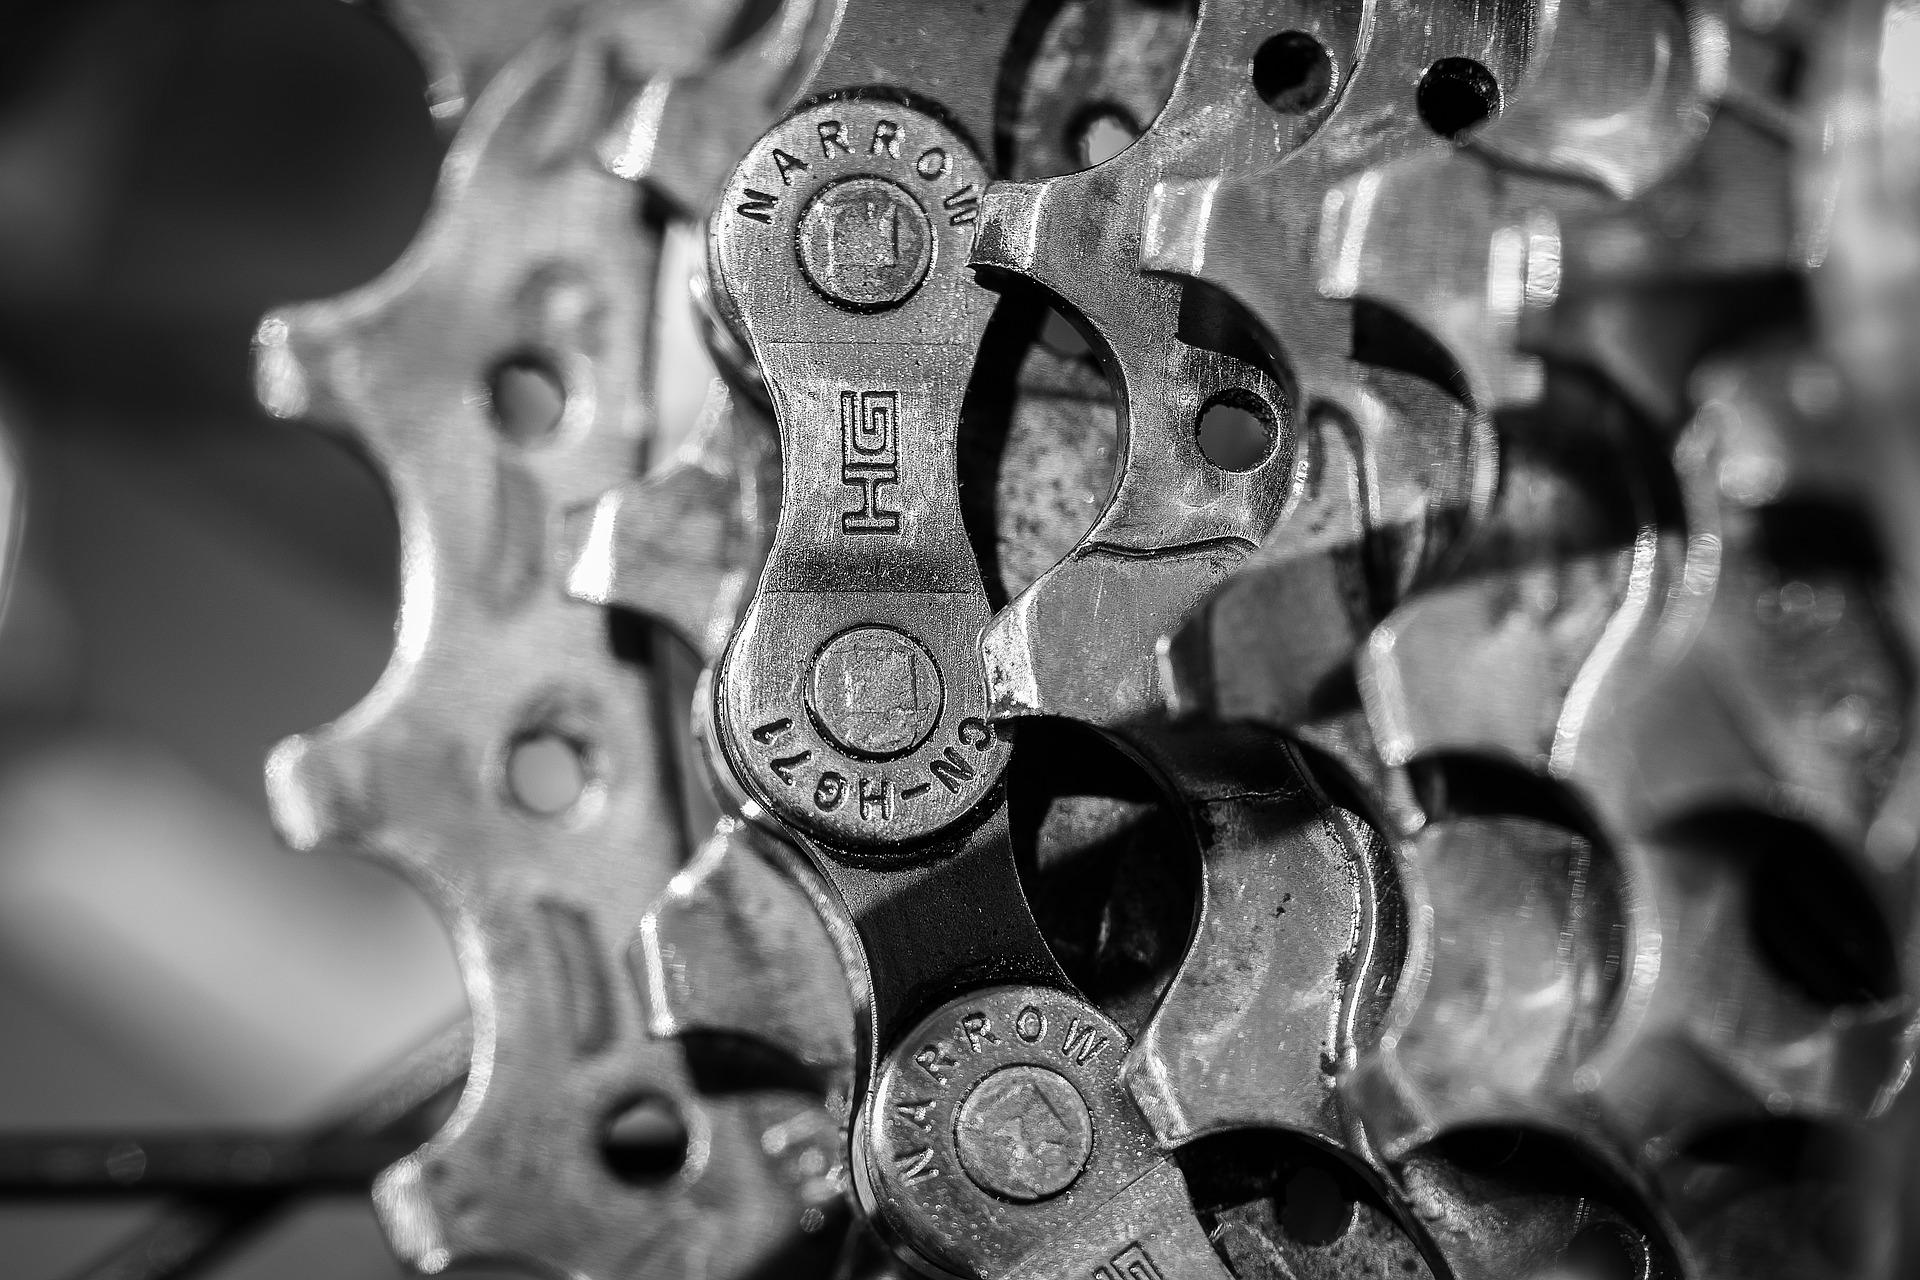 social-media-marketing-shift-gears